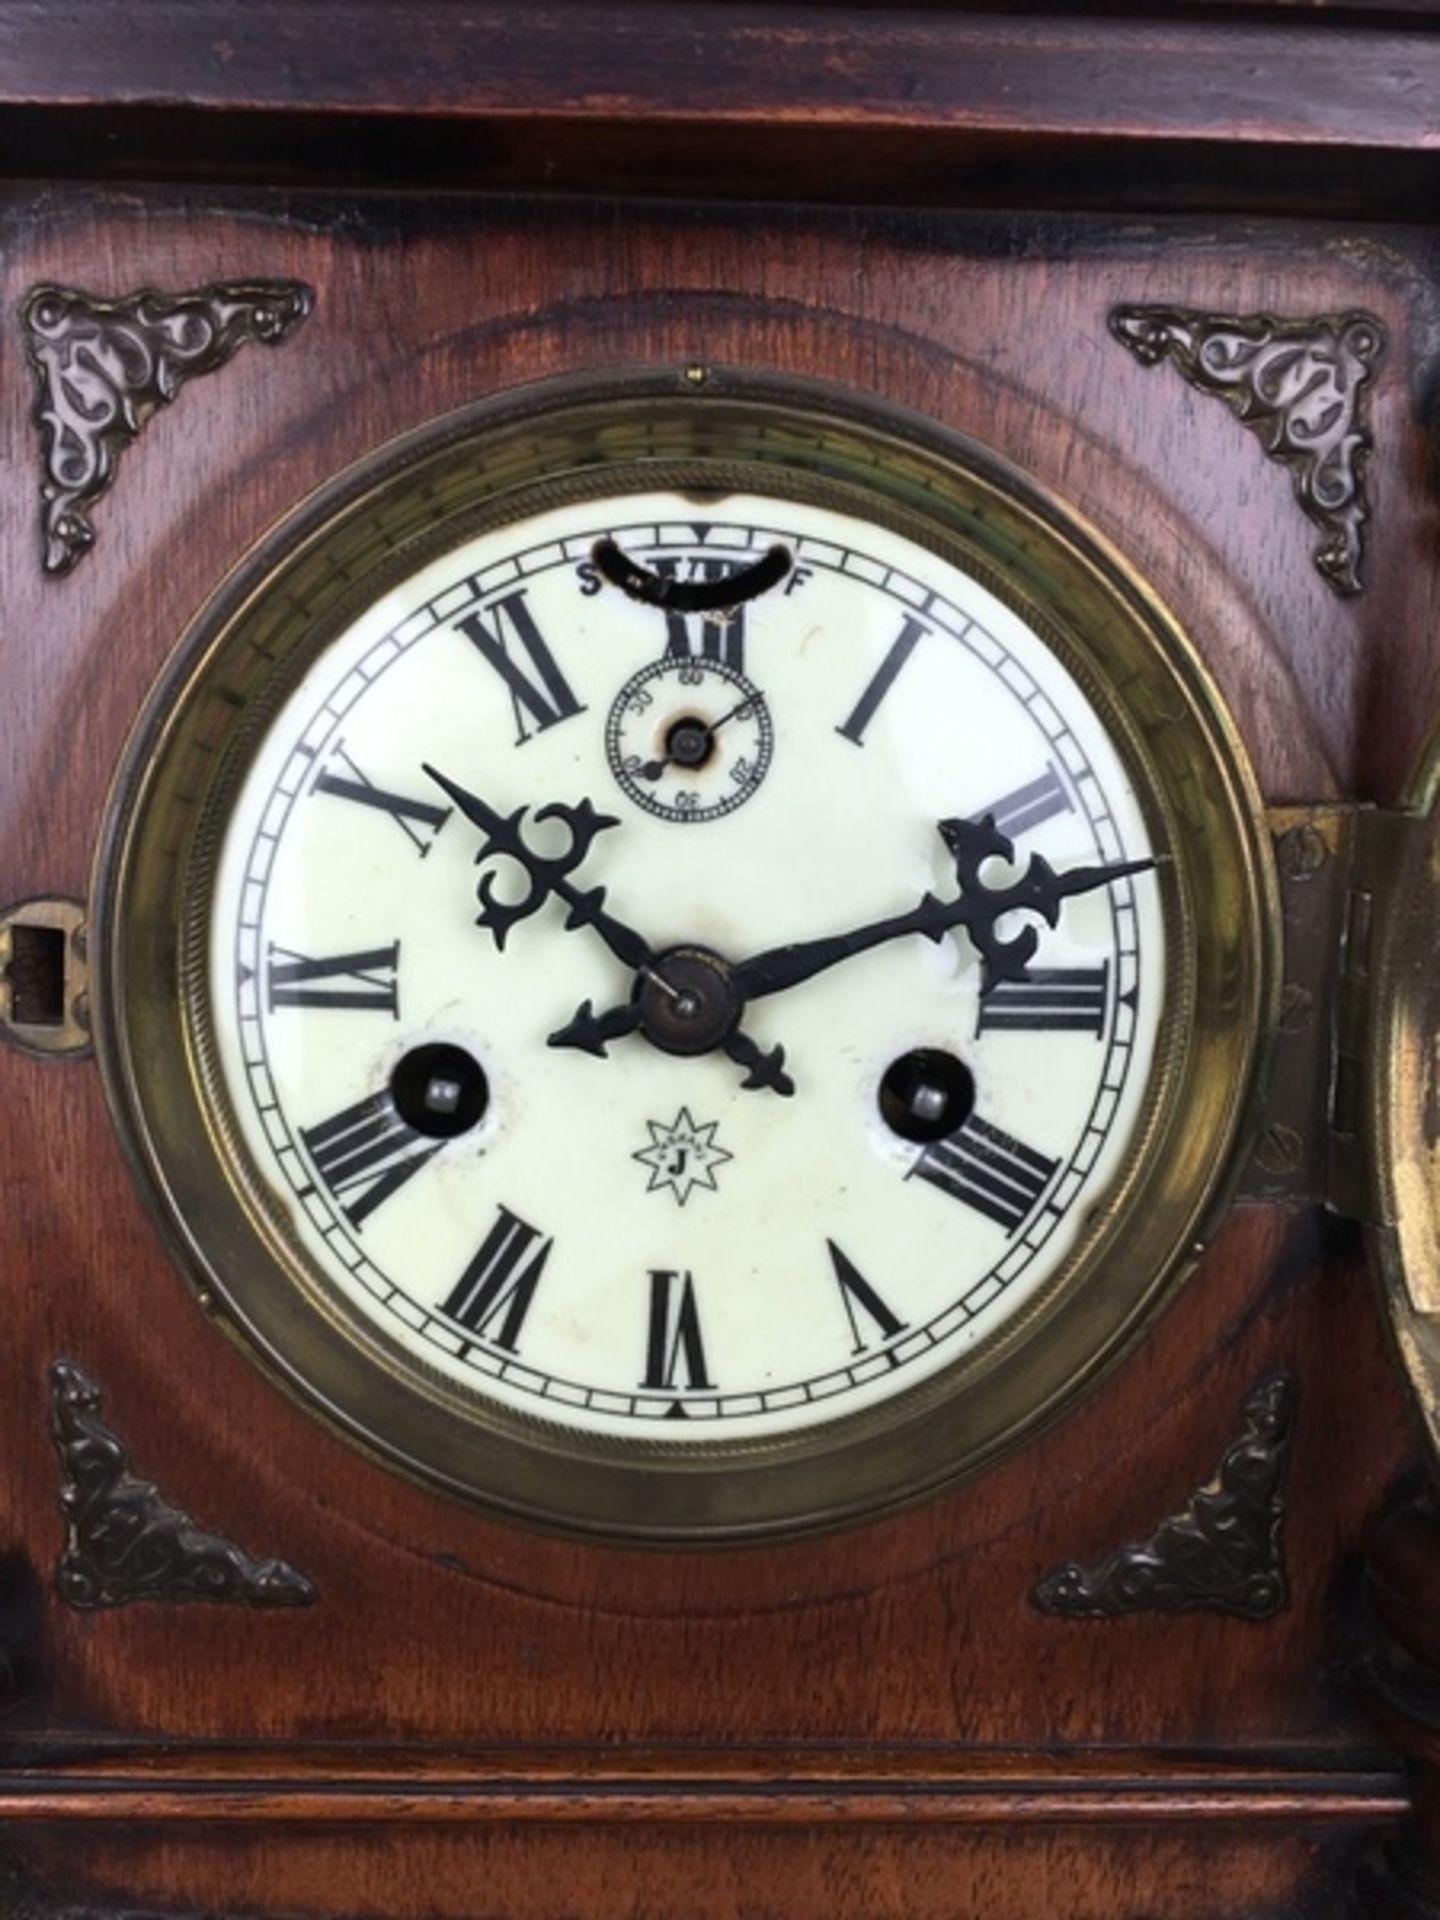 (Antiek) Tafelklok, JunghansHouten tafelklok met Junghans uurwerk en wekker. Emaille wijzerplaa - Image 7 of 7